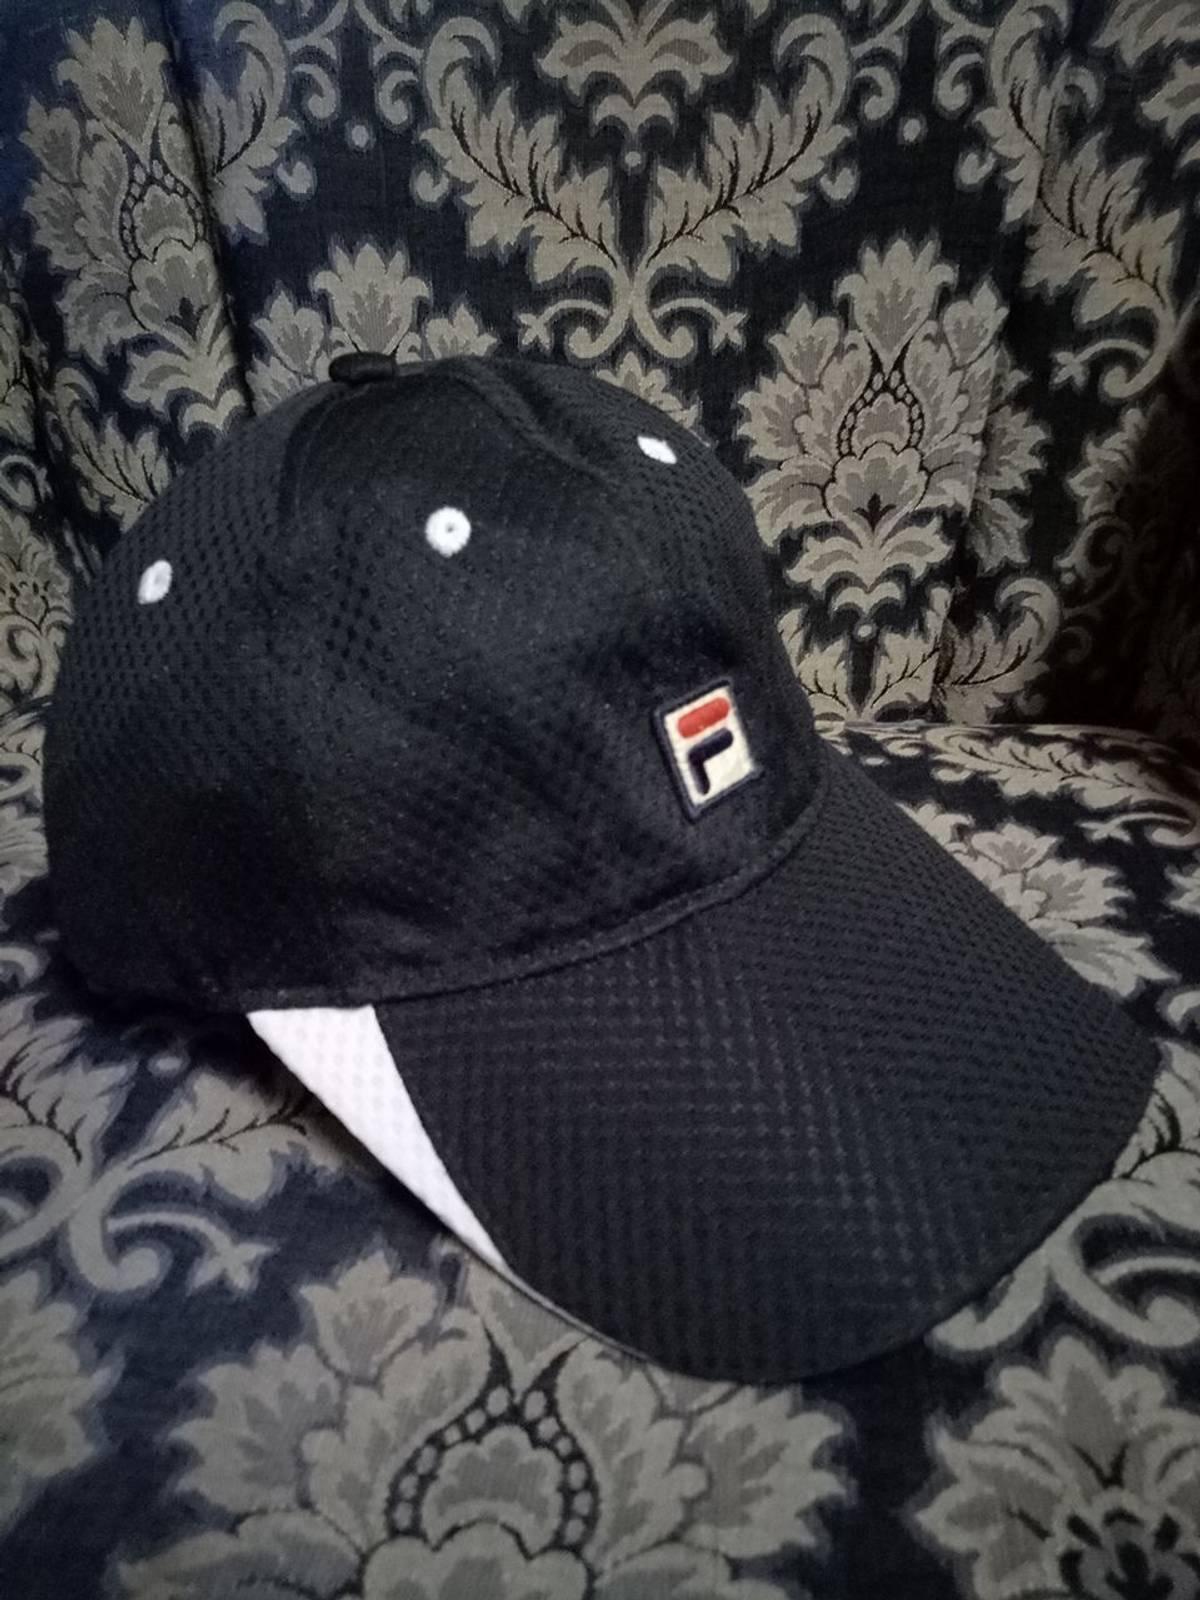 81f539ef293 Fila Authentic Fila Cap Classic Rare Adjustable Urban Casual Hip Hop Rap  Streetwear Hat Cap